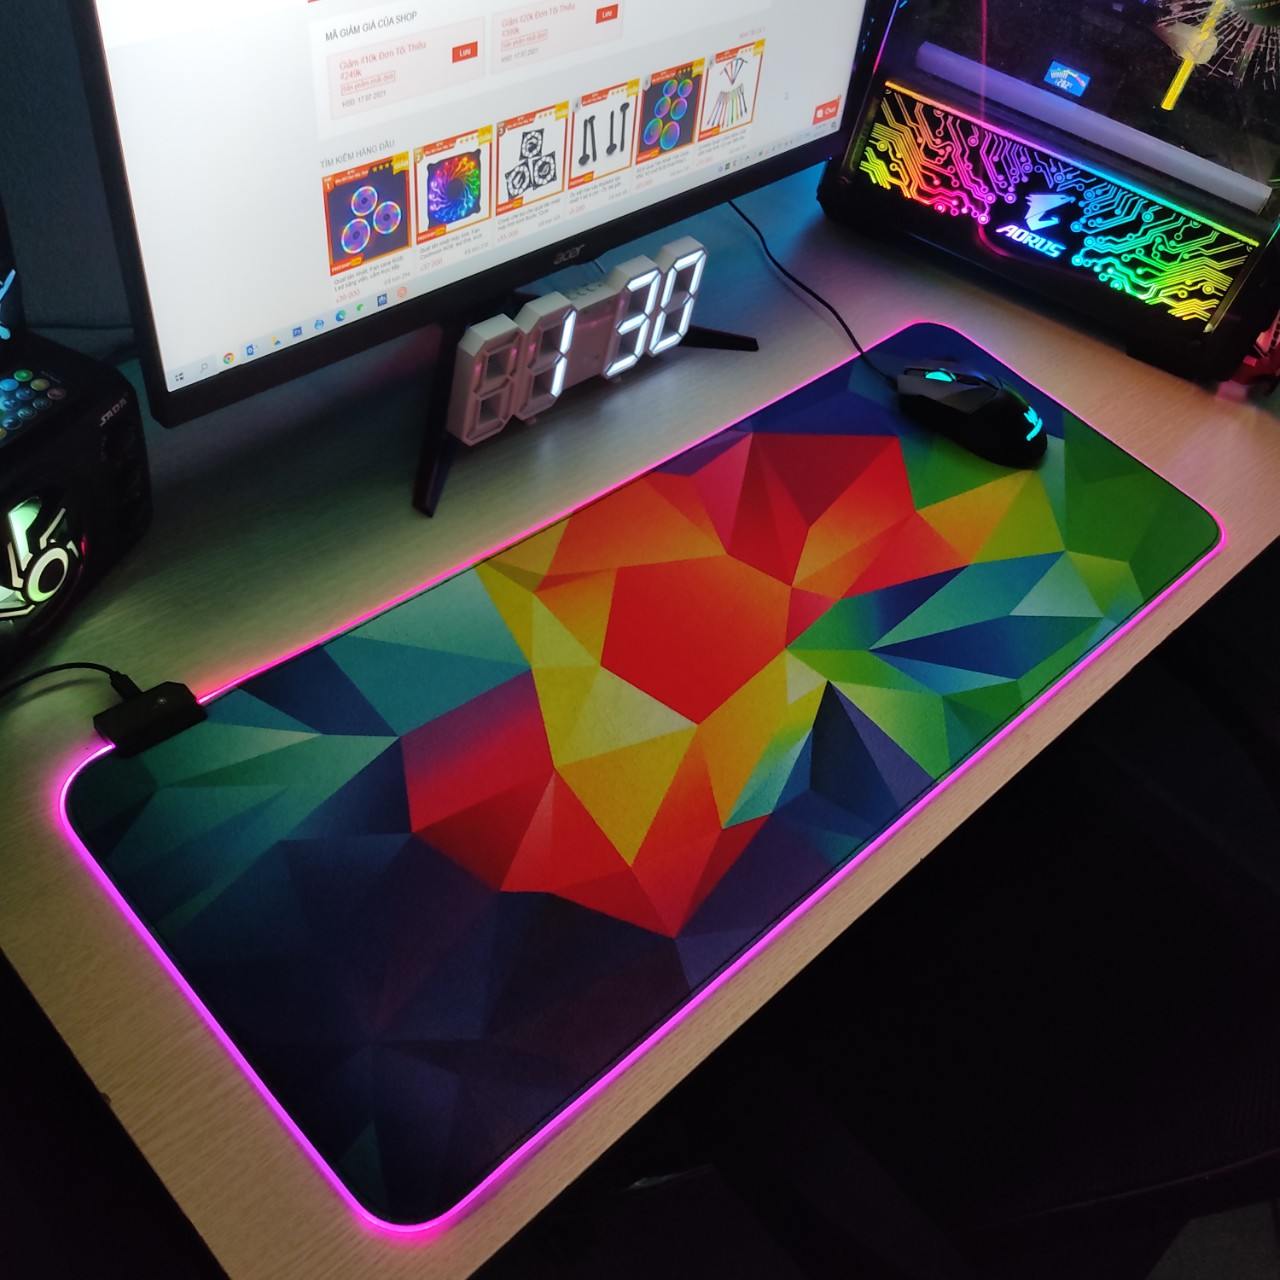 Mouse Pad, bàn di chuột, lót di chuột tích hợp Led sáng viền, phiên bản Overlay kích thước 80cm x 30cm dày 4mm